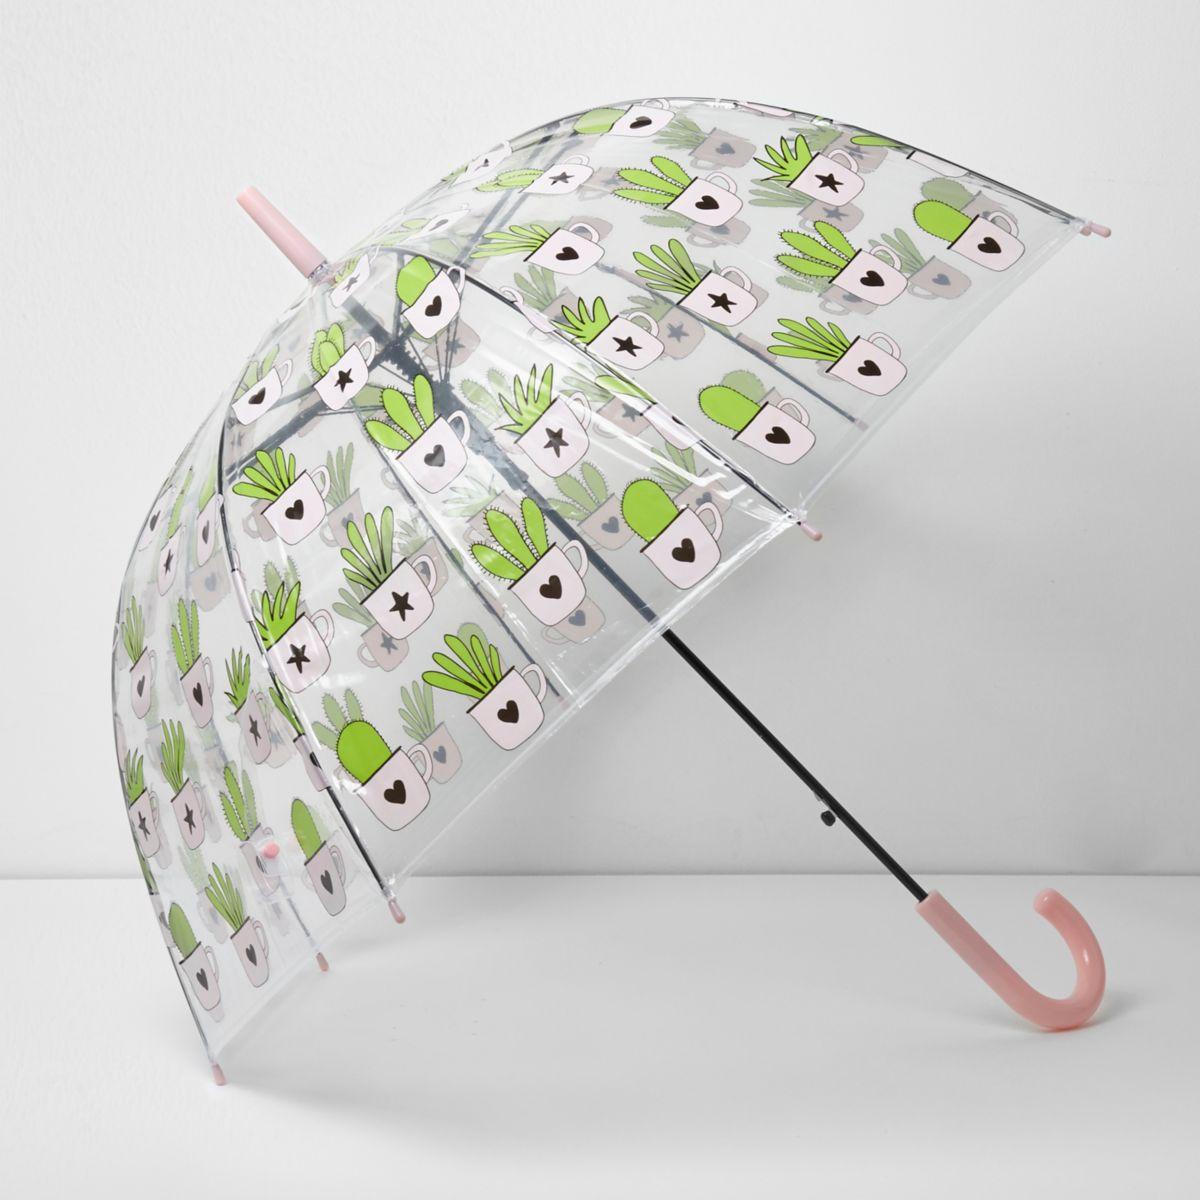 Cactus print dome umbrella